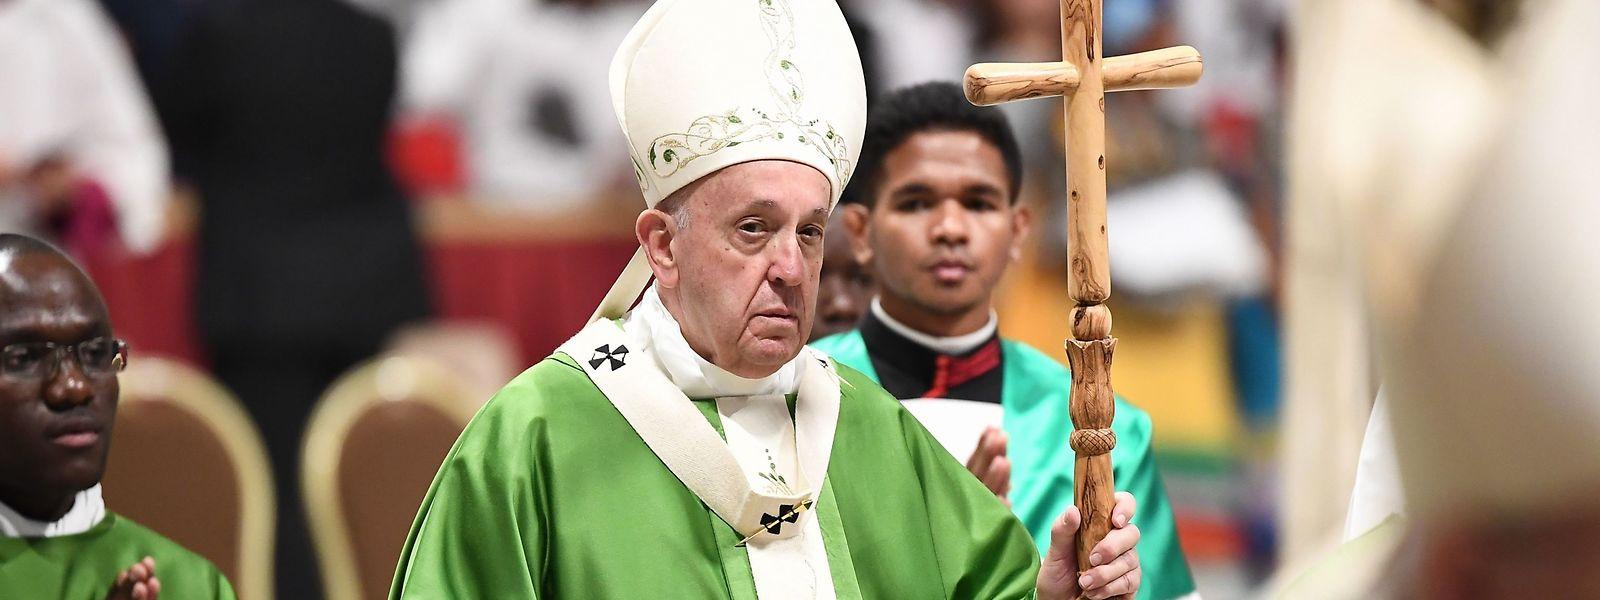 Papst Franziskus hat den Oktober zum außerordentlichen Monat der Weltmission aufgerufen.